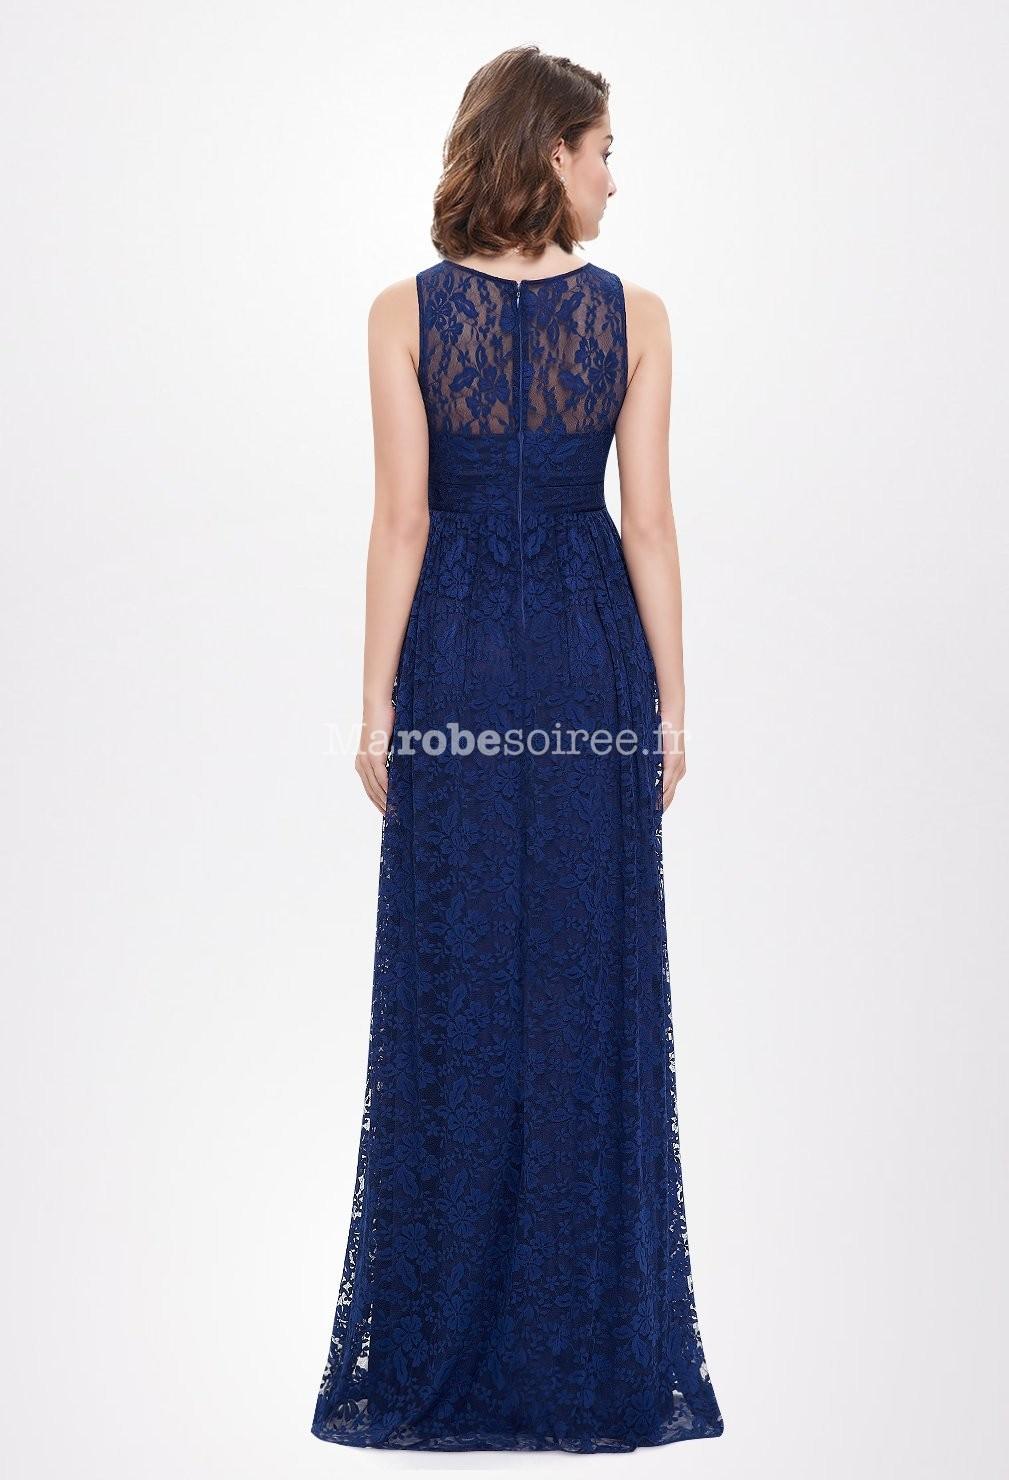 somptueuse robe de c r monie bleu nuit On robes de mariée de nuit